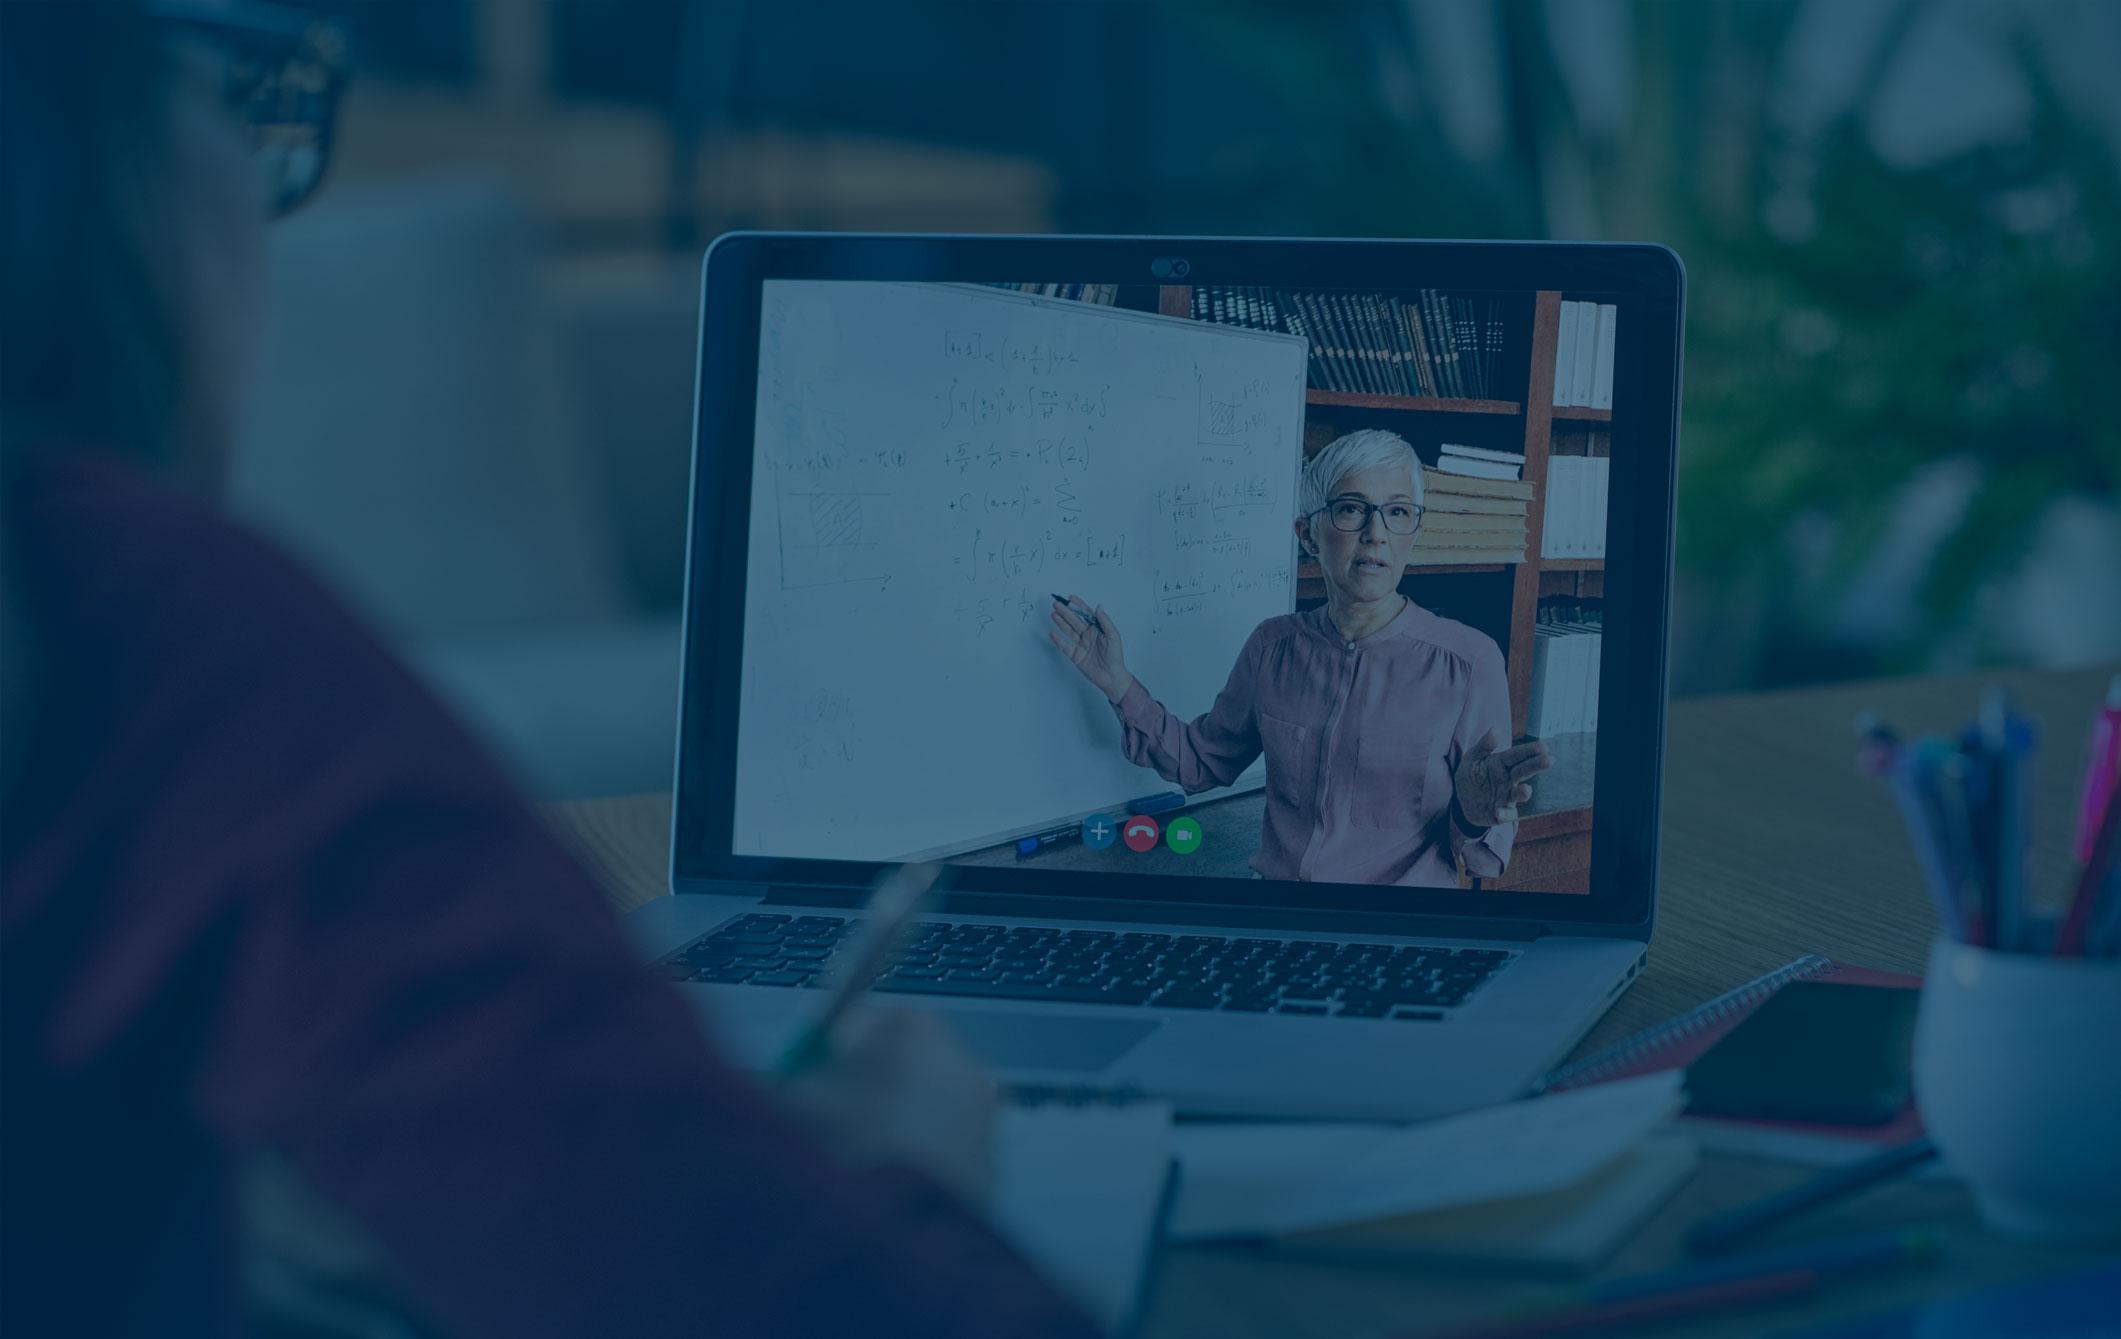 Методология и технологии дистанционного обучения  в образовательной организации